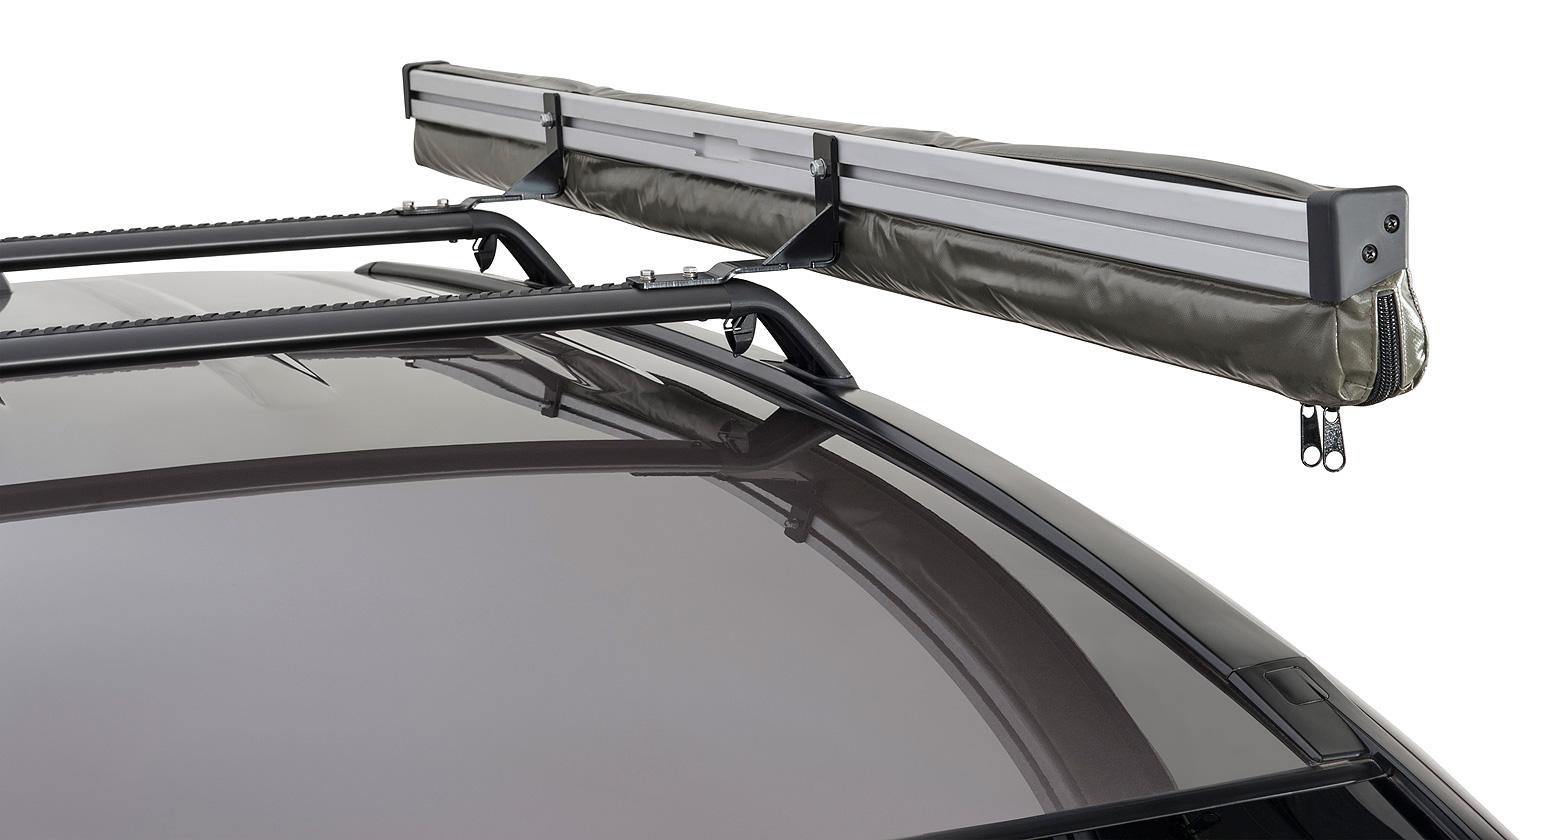 32123 Sunseeker Awning Angled Up Bracket For Flush Bars